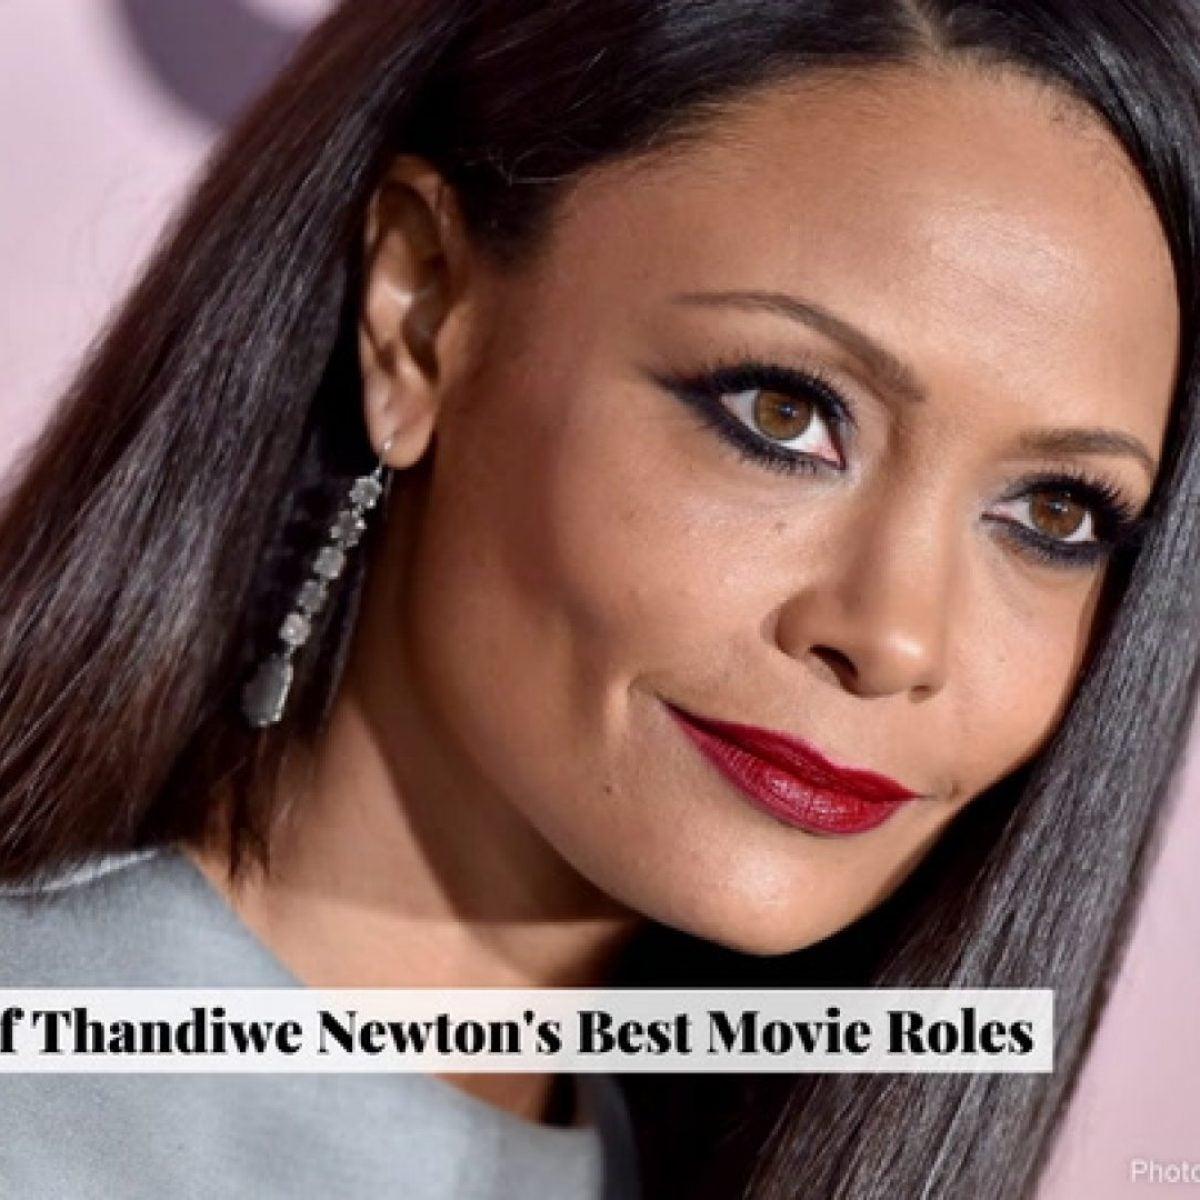 Thandiwe Newton's Best Roles